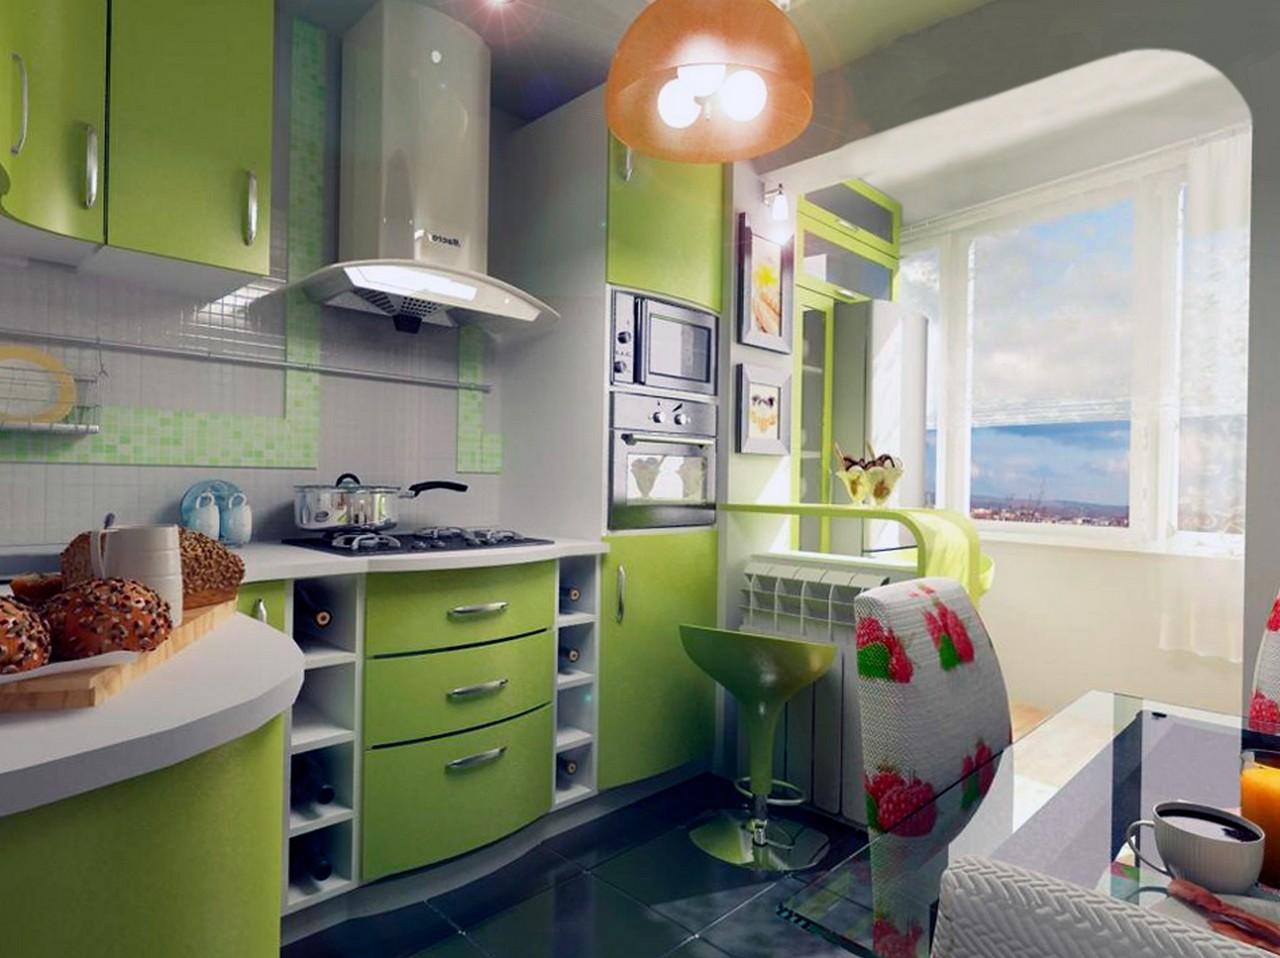 Дизайн кухни с балконом: все идеи в одном месте.